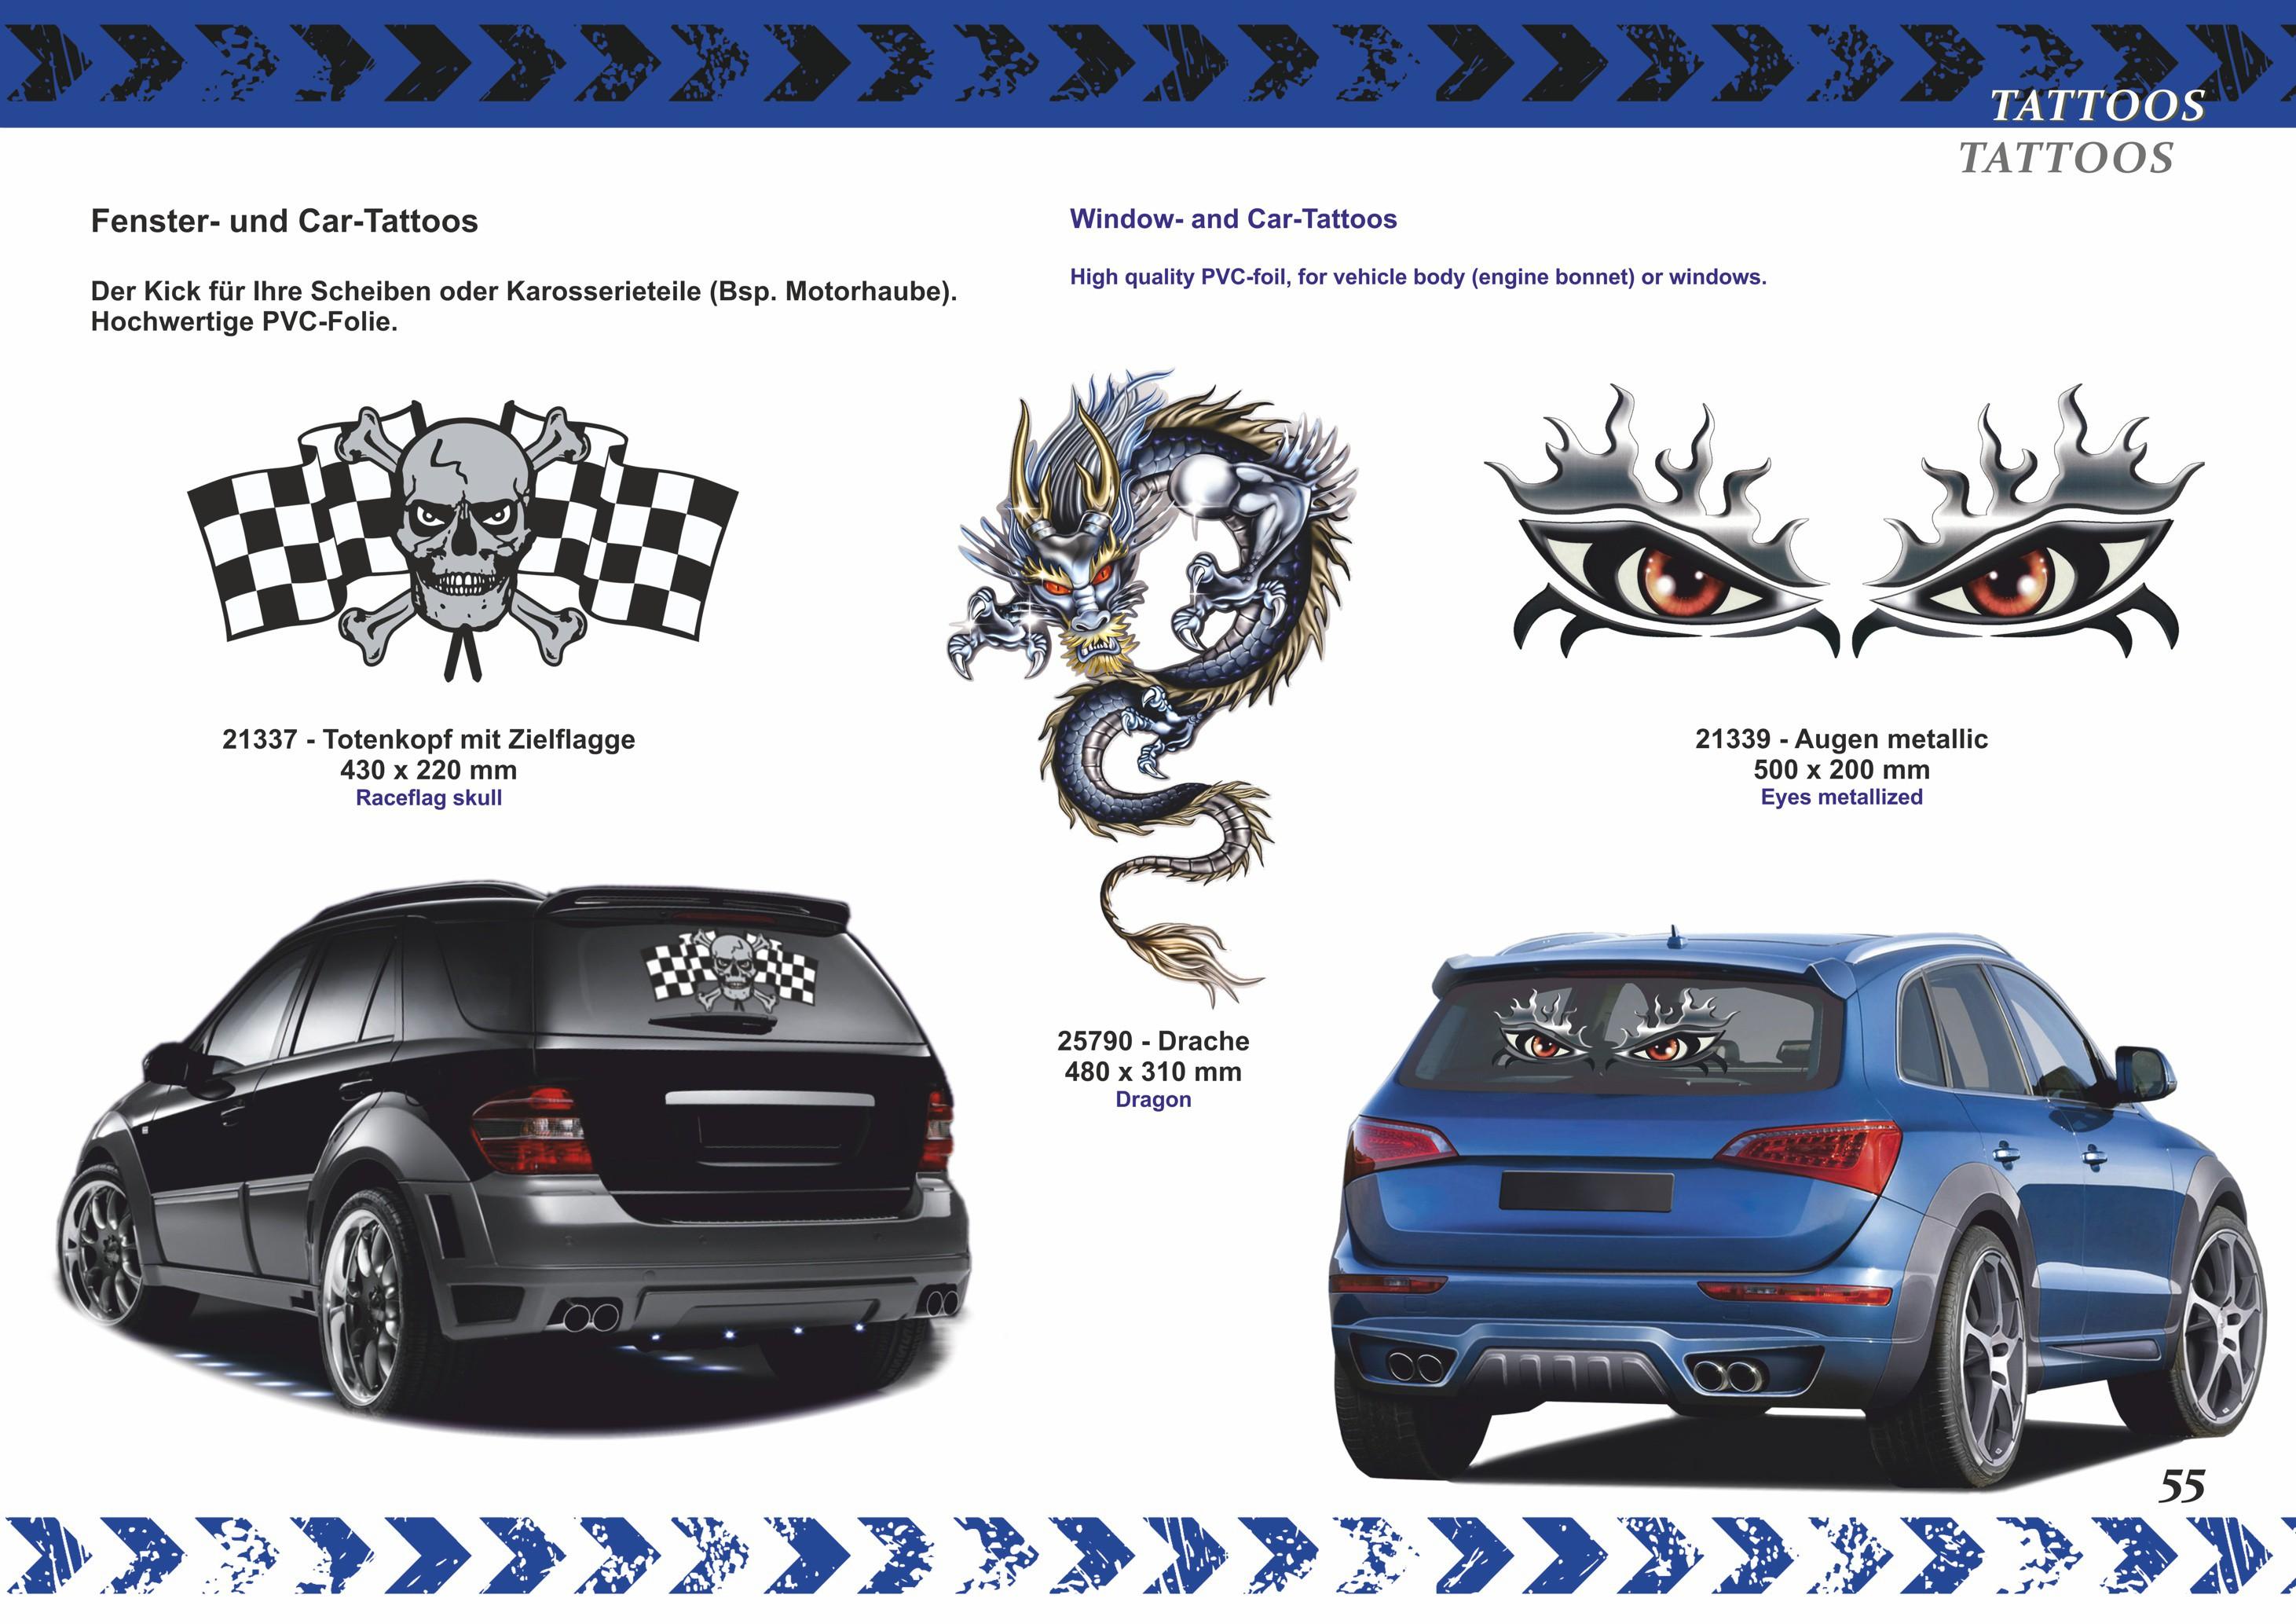 Fenster- und Car-Tattoo Totenkopf mit Zielflagge – Bild 3